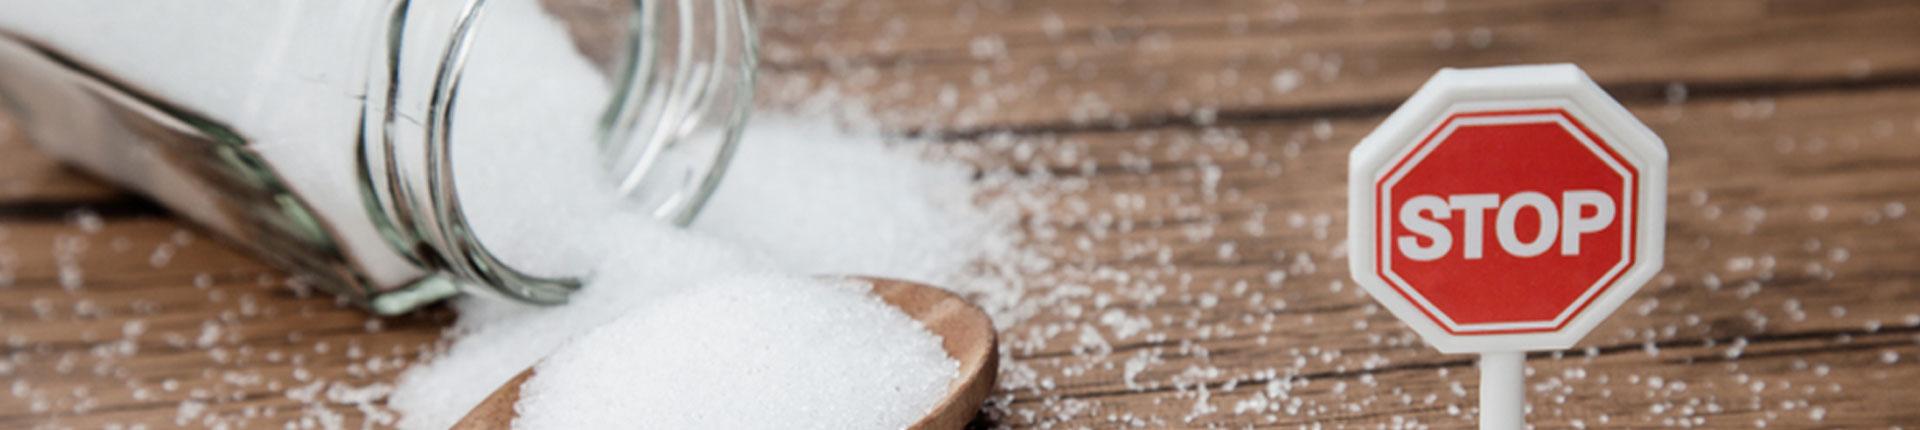 Czy cukier zwiększa ryzyko raka? Czy wzrost zachorowań na raka jest faktem?